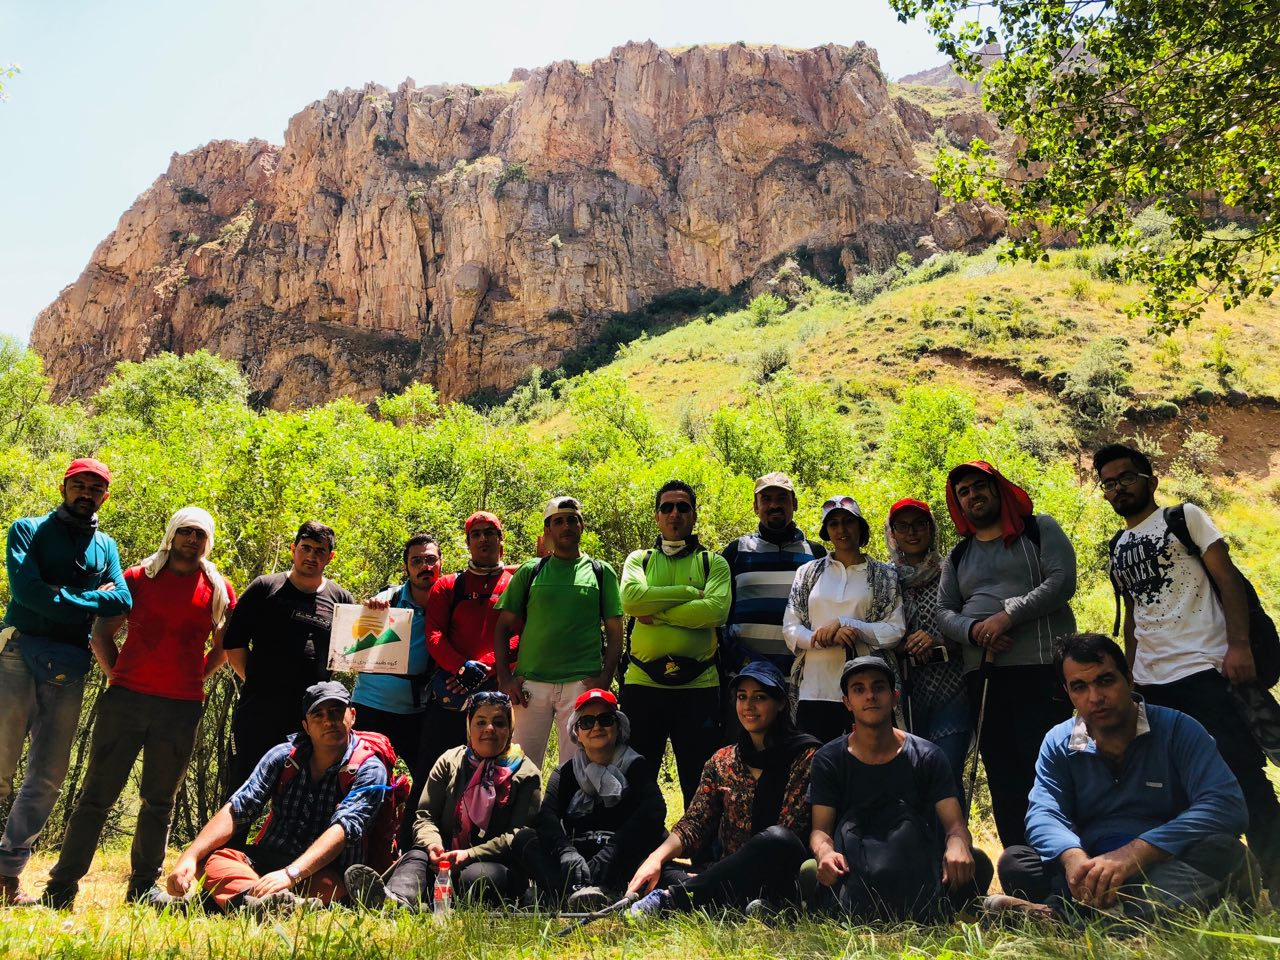 تصویر از برنامه ۲۲ تیر روستای دوگیجان مرند